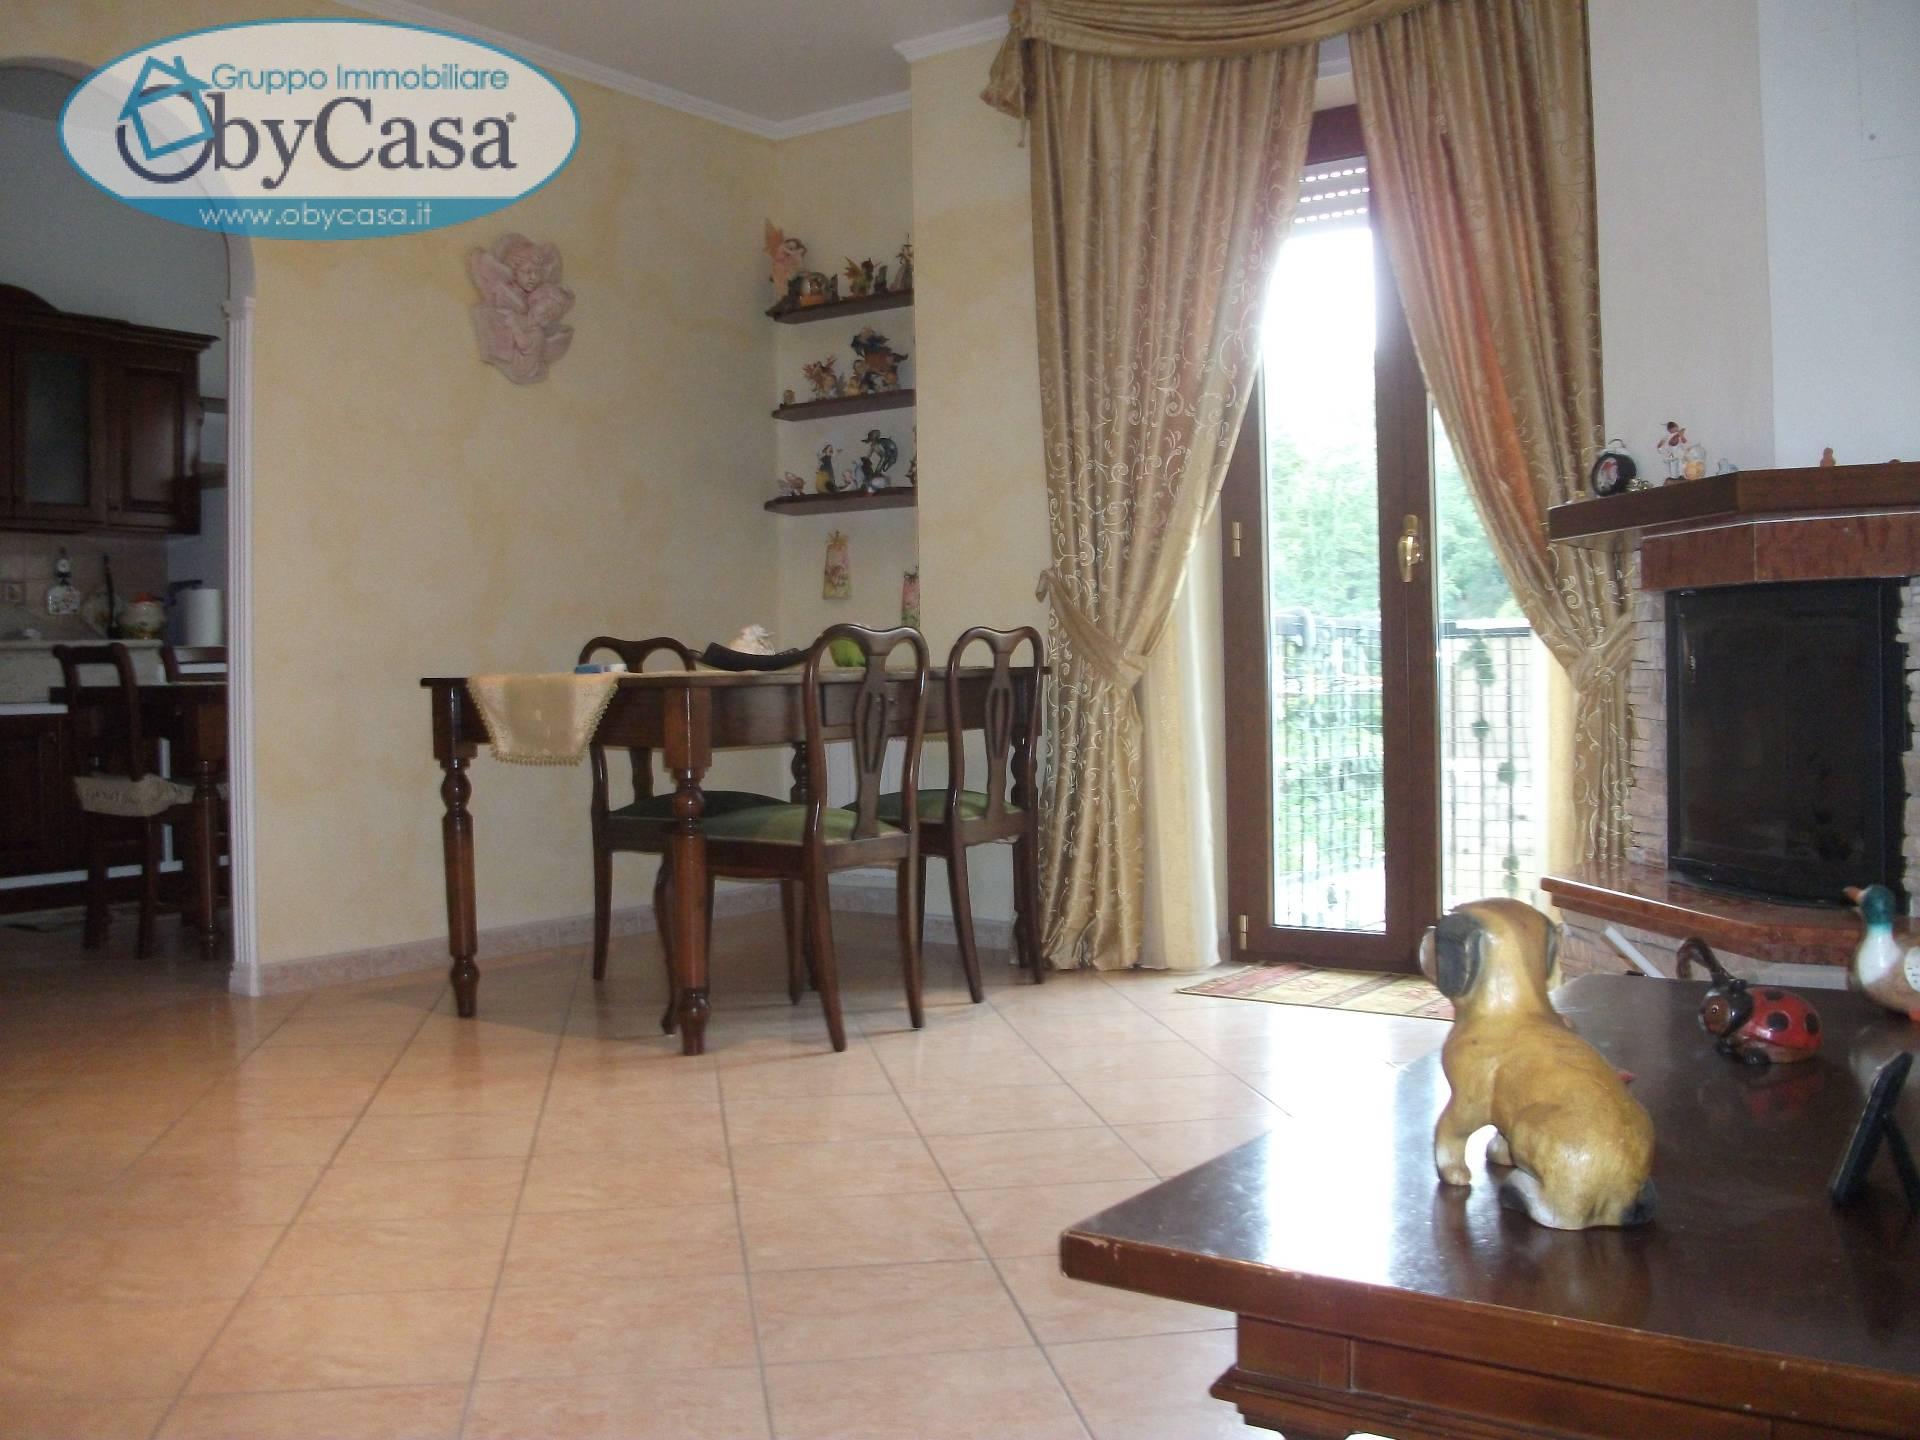 Appartamento in vendita a Barbarano Romano, 4 locali, prezzo € 99.000 | CambioCasa.it